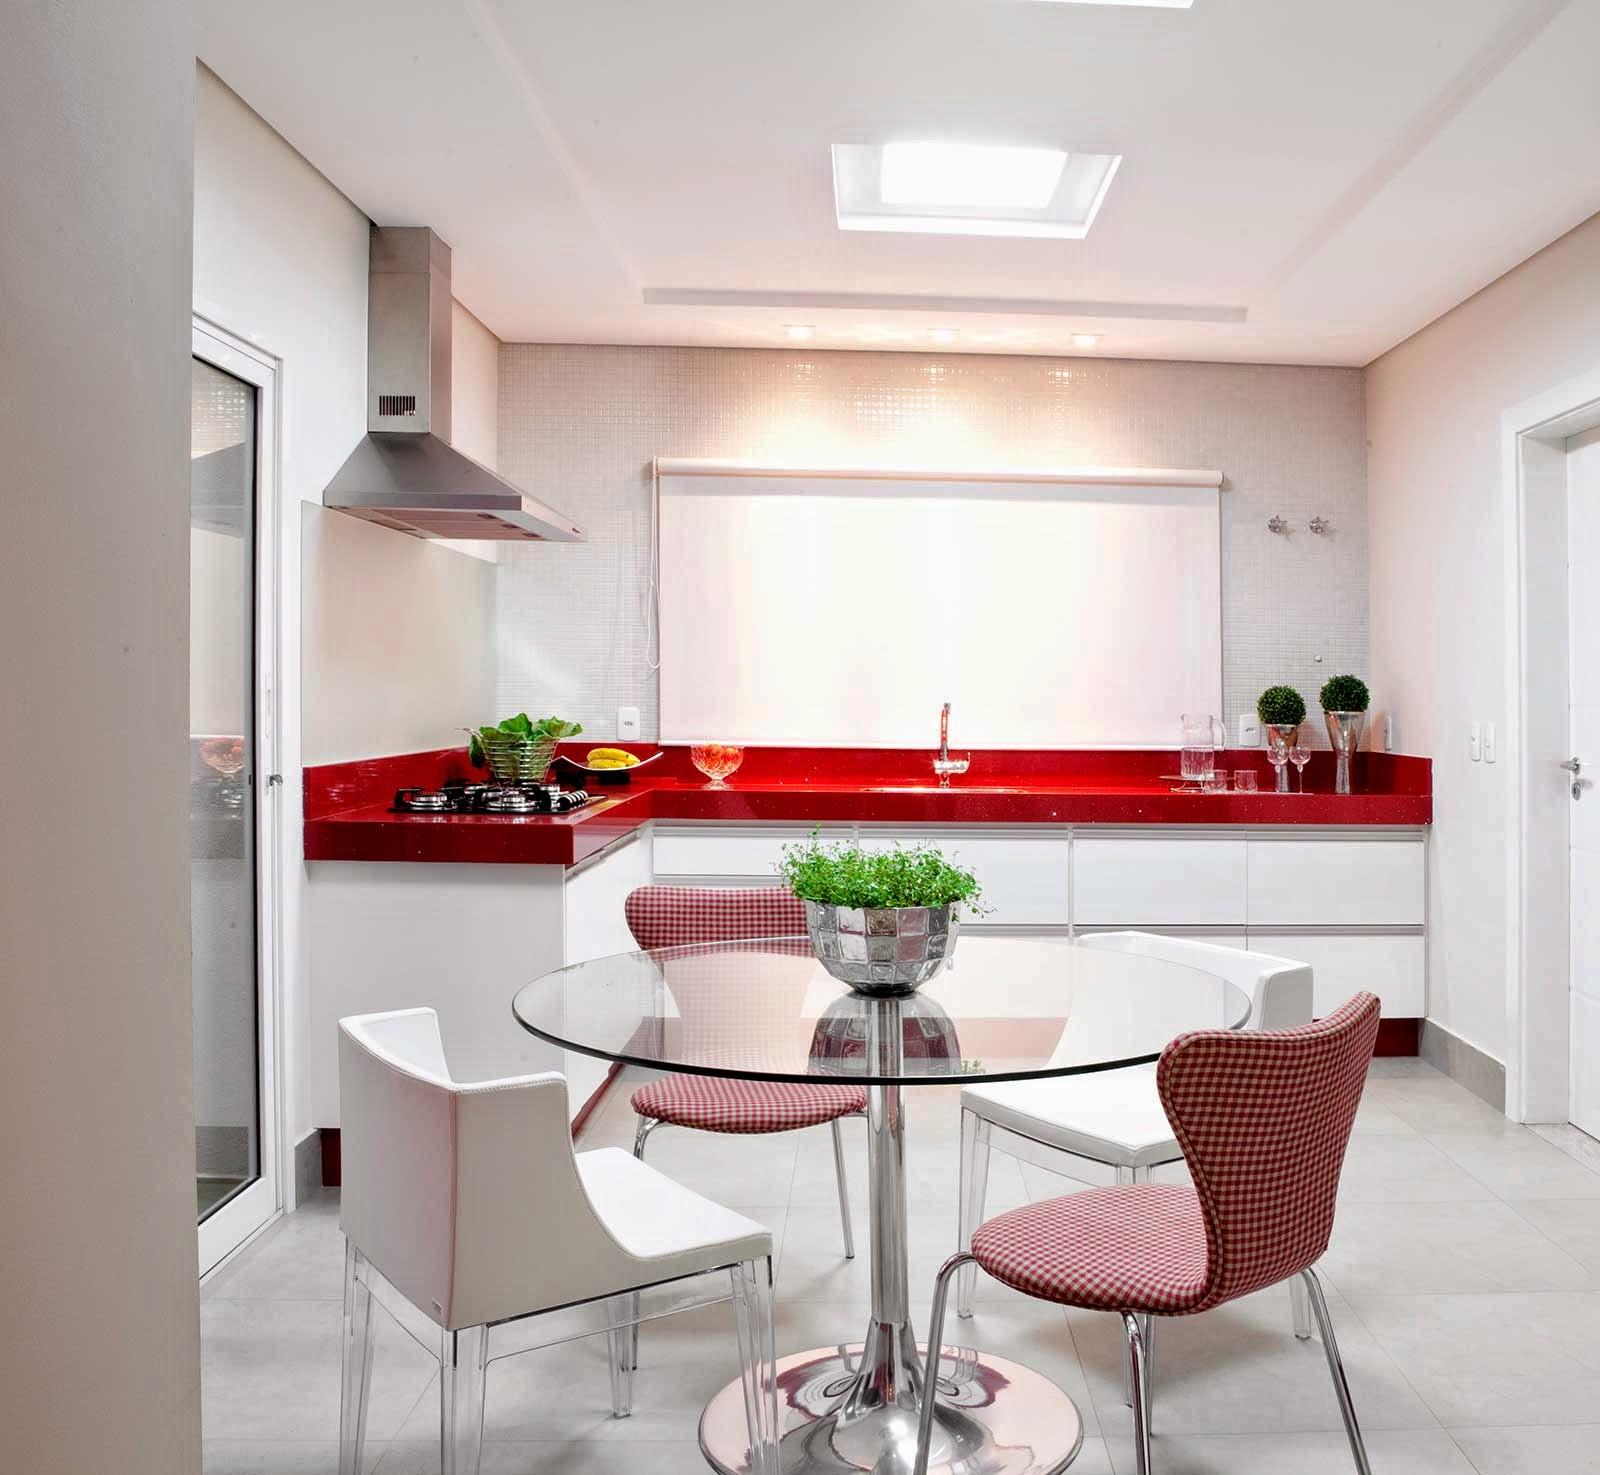 15 Cozinhas vermelhas modernas veja modelos maravilhosos mais dicas  #BA1114 1600 1475